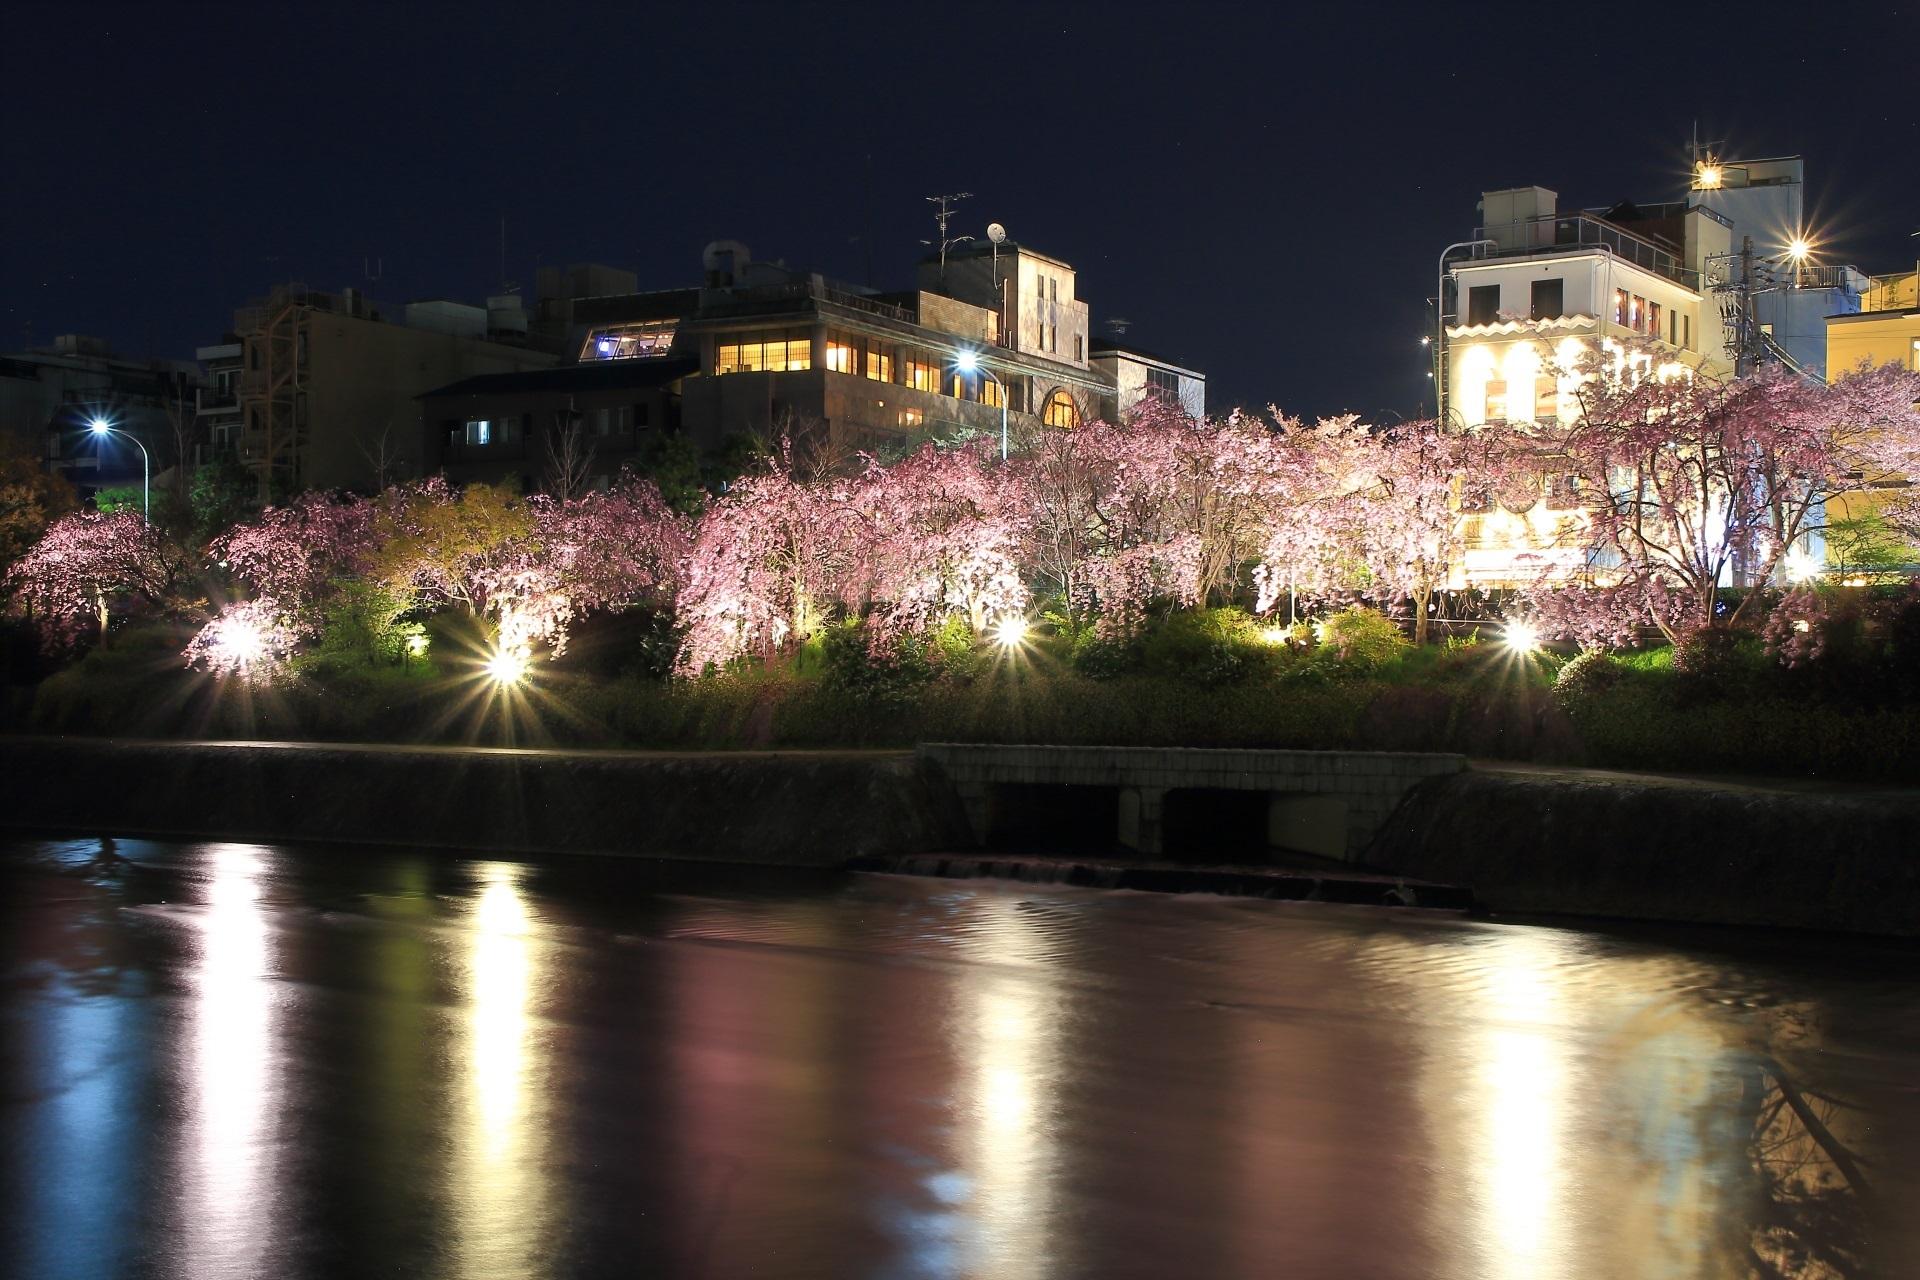 鴨川 夜桜 きらめく水辺の桜